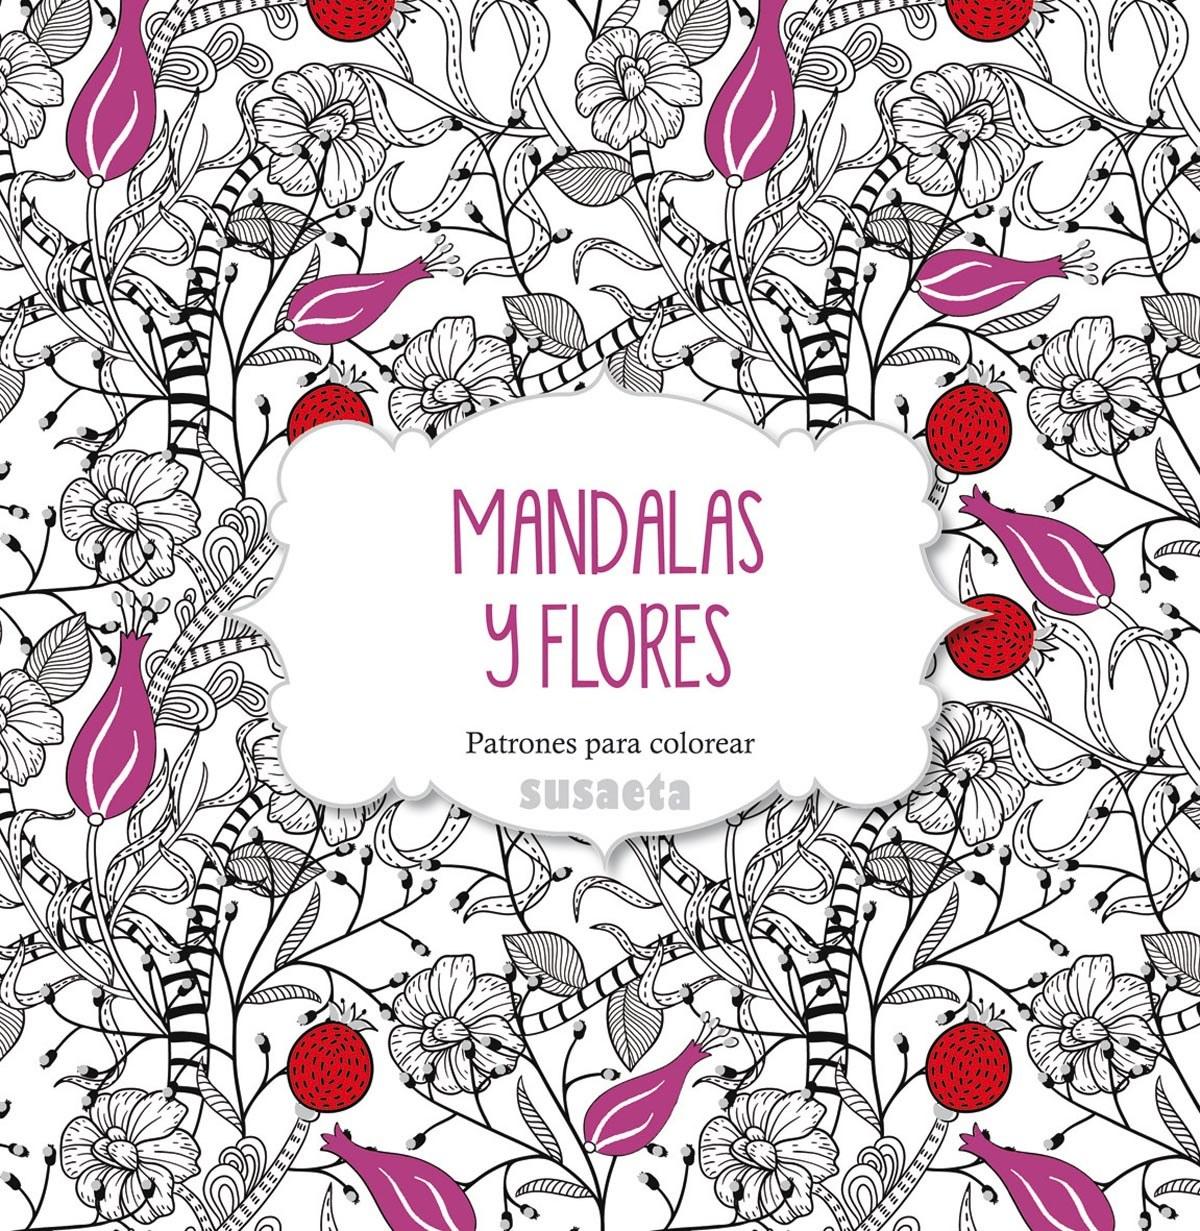 Mandalas y flores 9788467737455